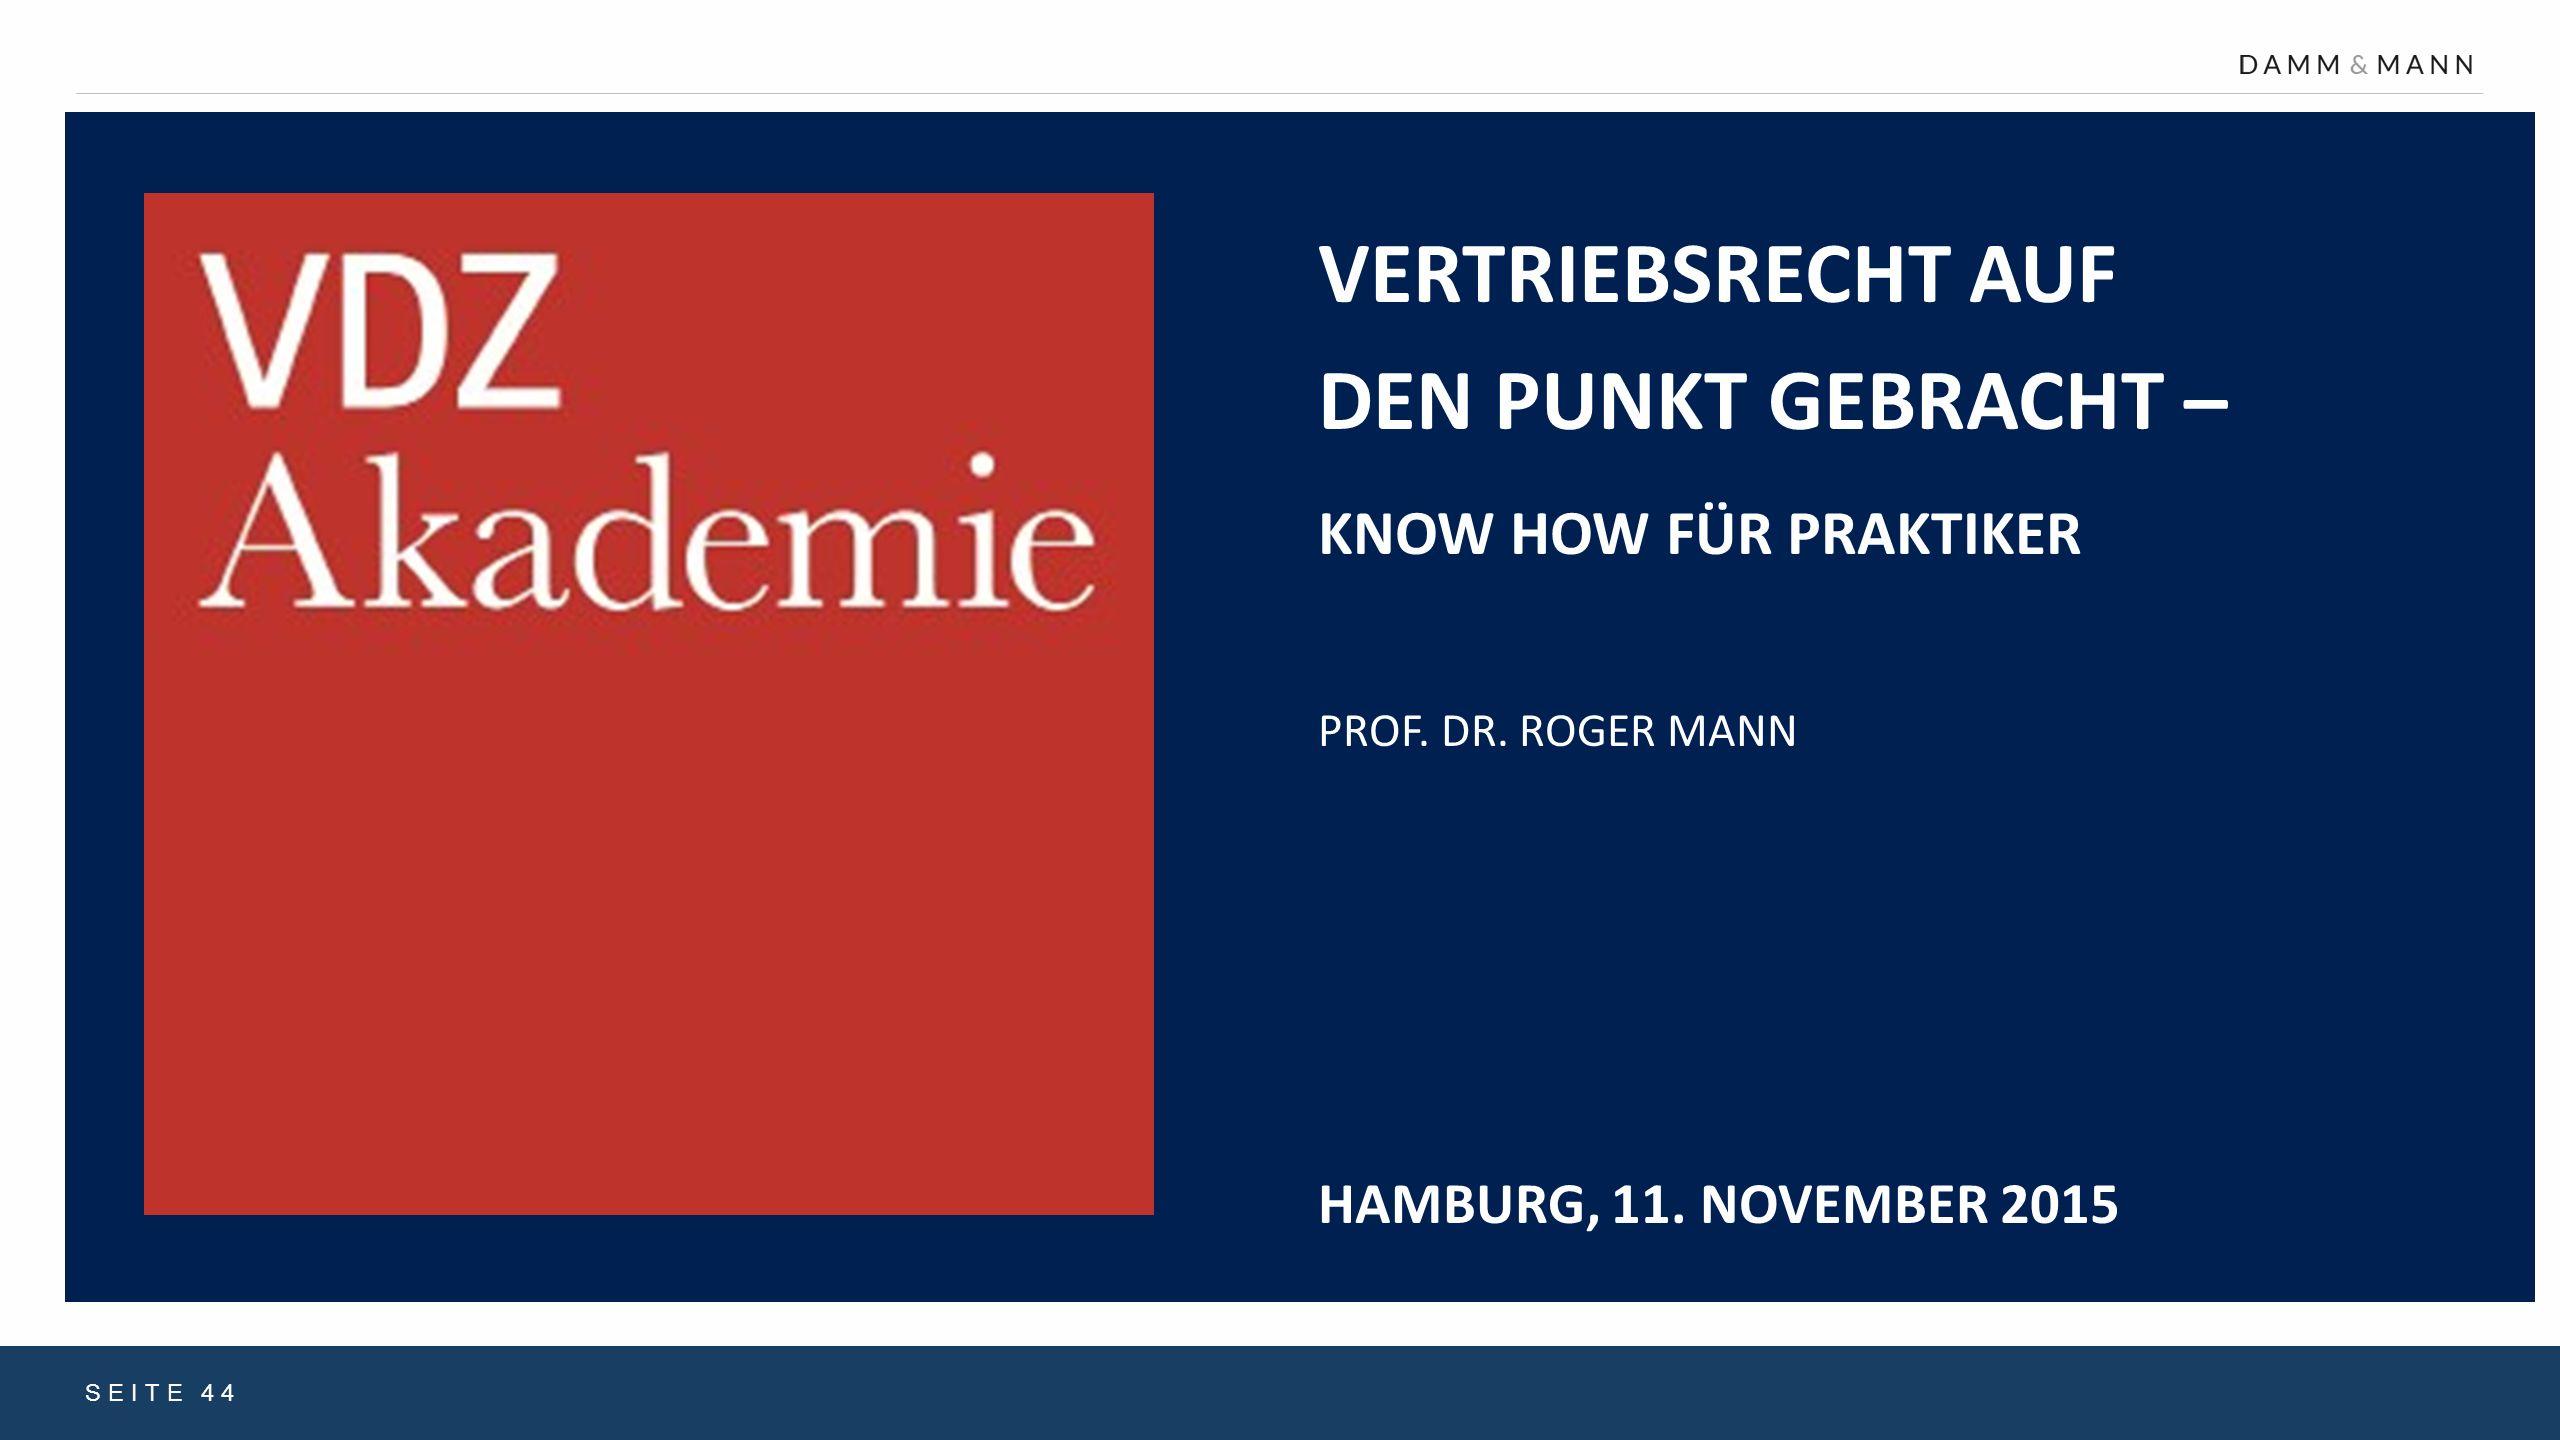 SEITE 44 VERTRIEBSRECHT AUF DEN PUNKT GEBRACHT – KNOW HOW FÜR PRAKTIKER PROF. DR. ROGER MANN HAMBURG, 11. NOVEMBER 2015